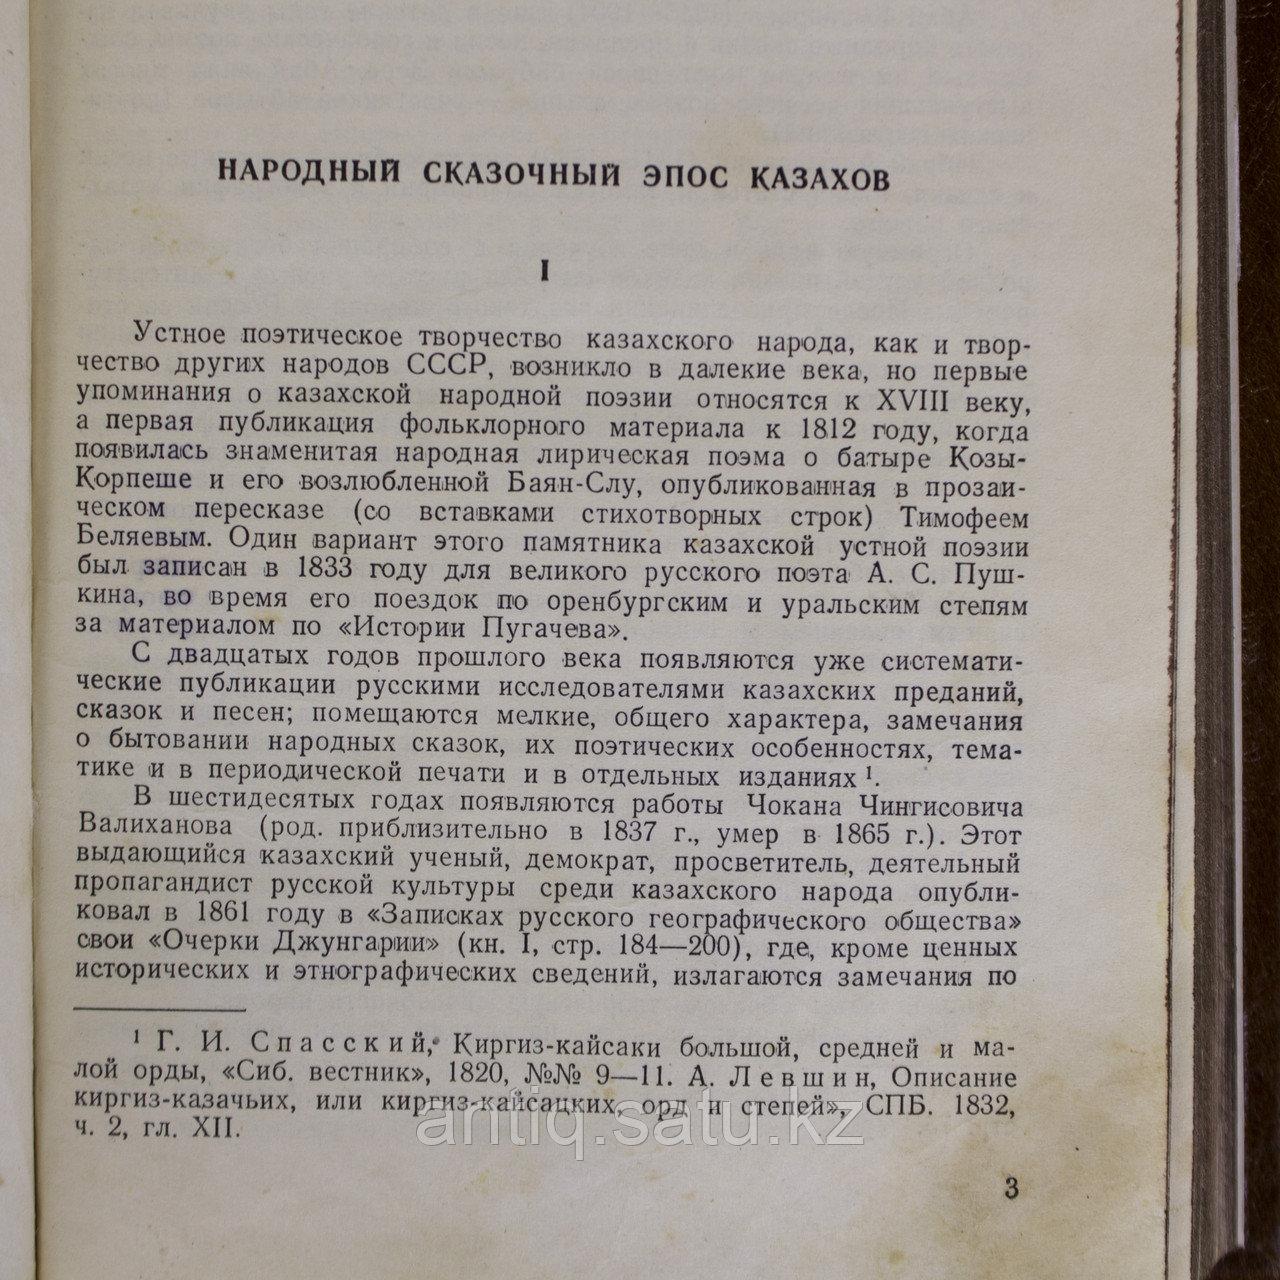 Казахские народные сказки. Перевод под редакцией М. Ауэзова и Н. Анова. Москва 1952 год - фото 8